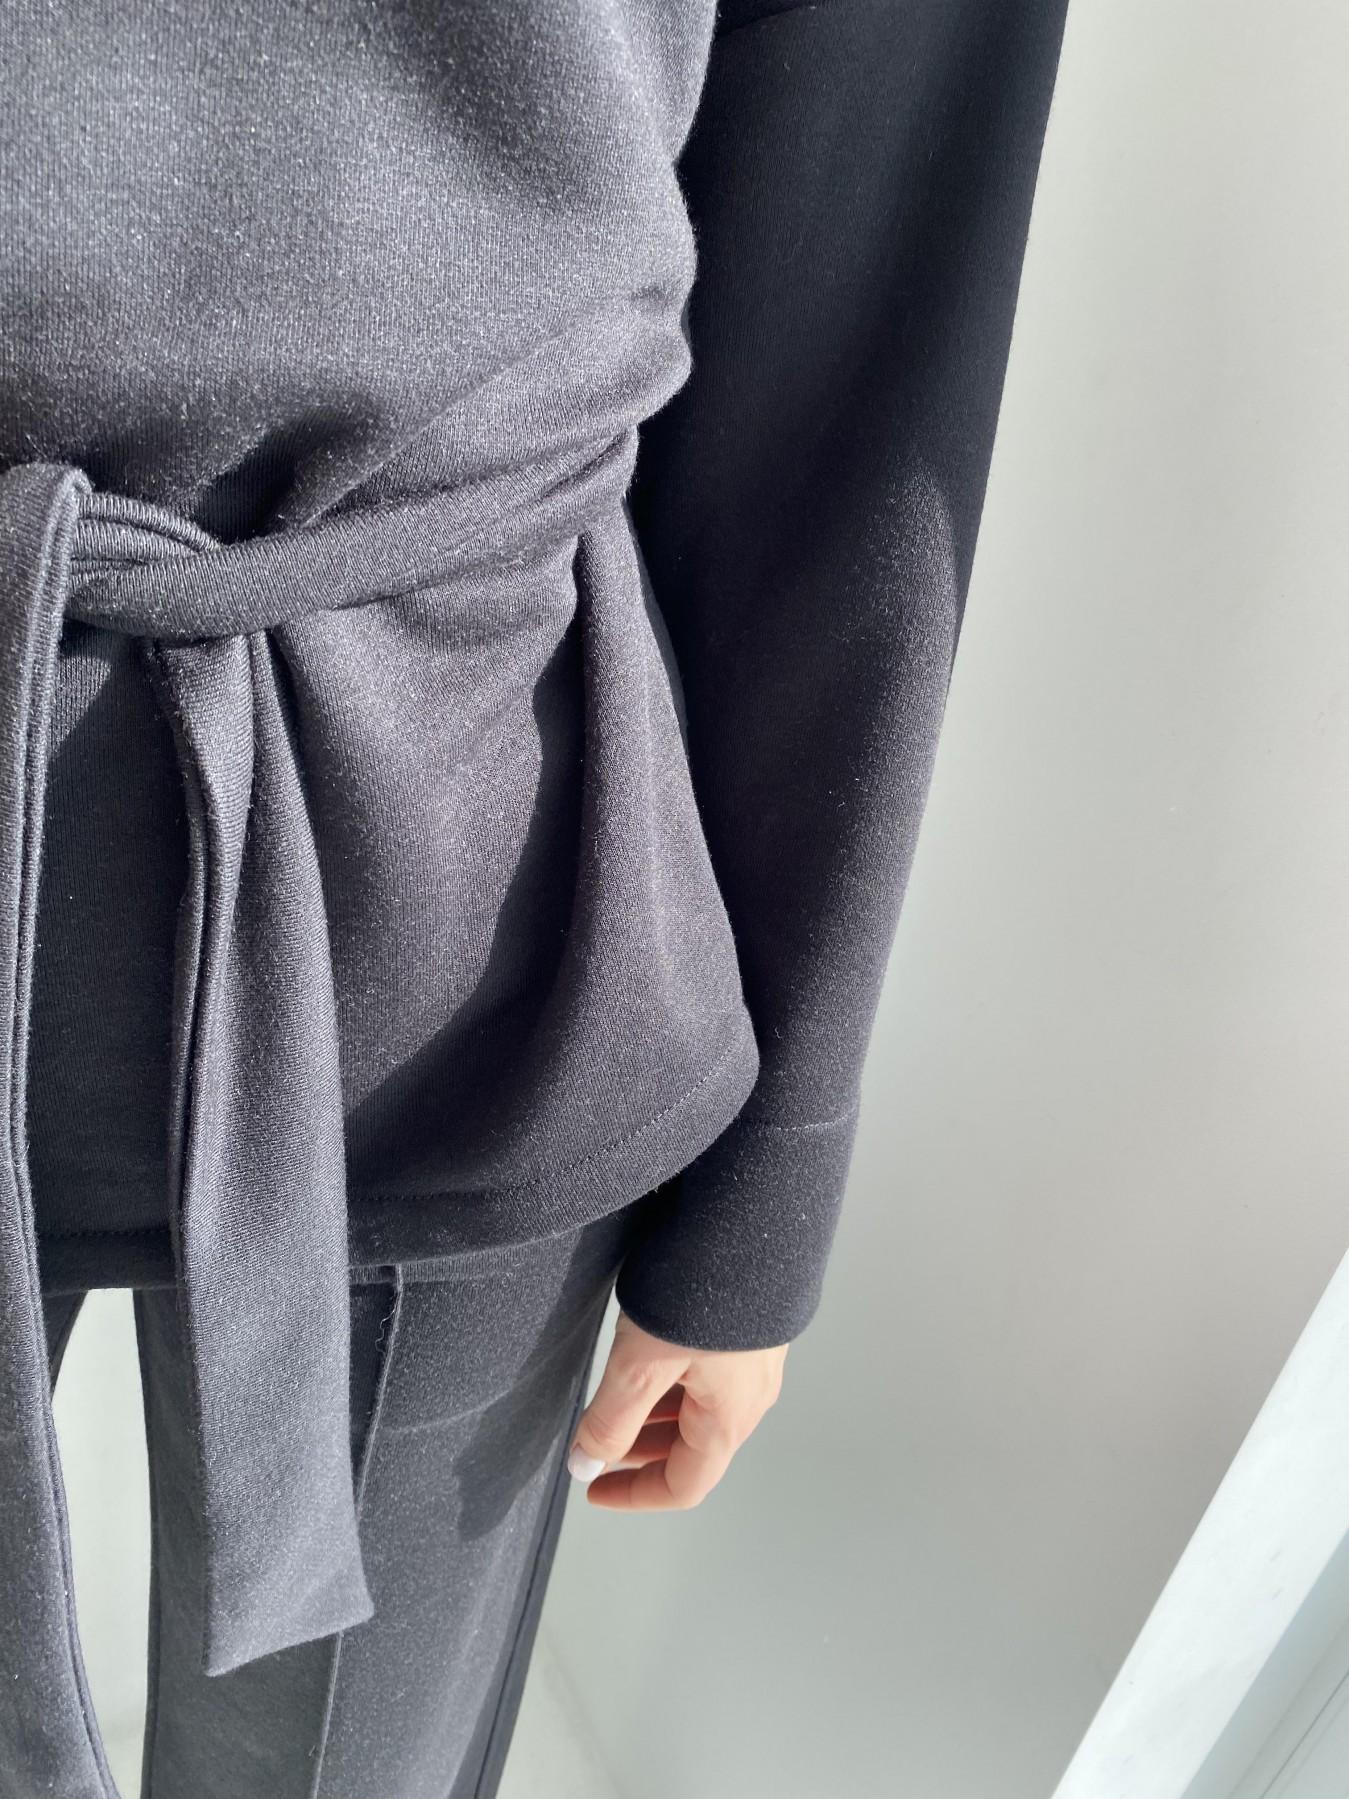 Джаст костюм Oversize  3х нитка 10564 АРТ. 47243 Цвет: Черный - фото 5, интернет магазин tm-modus.ru